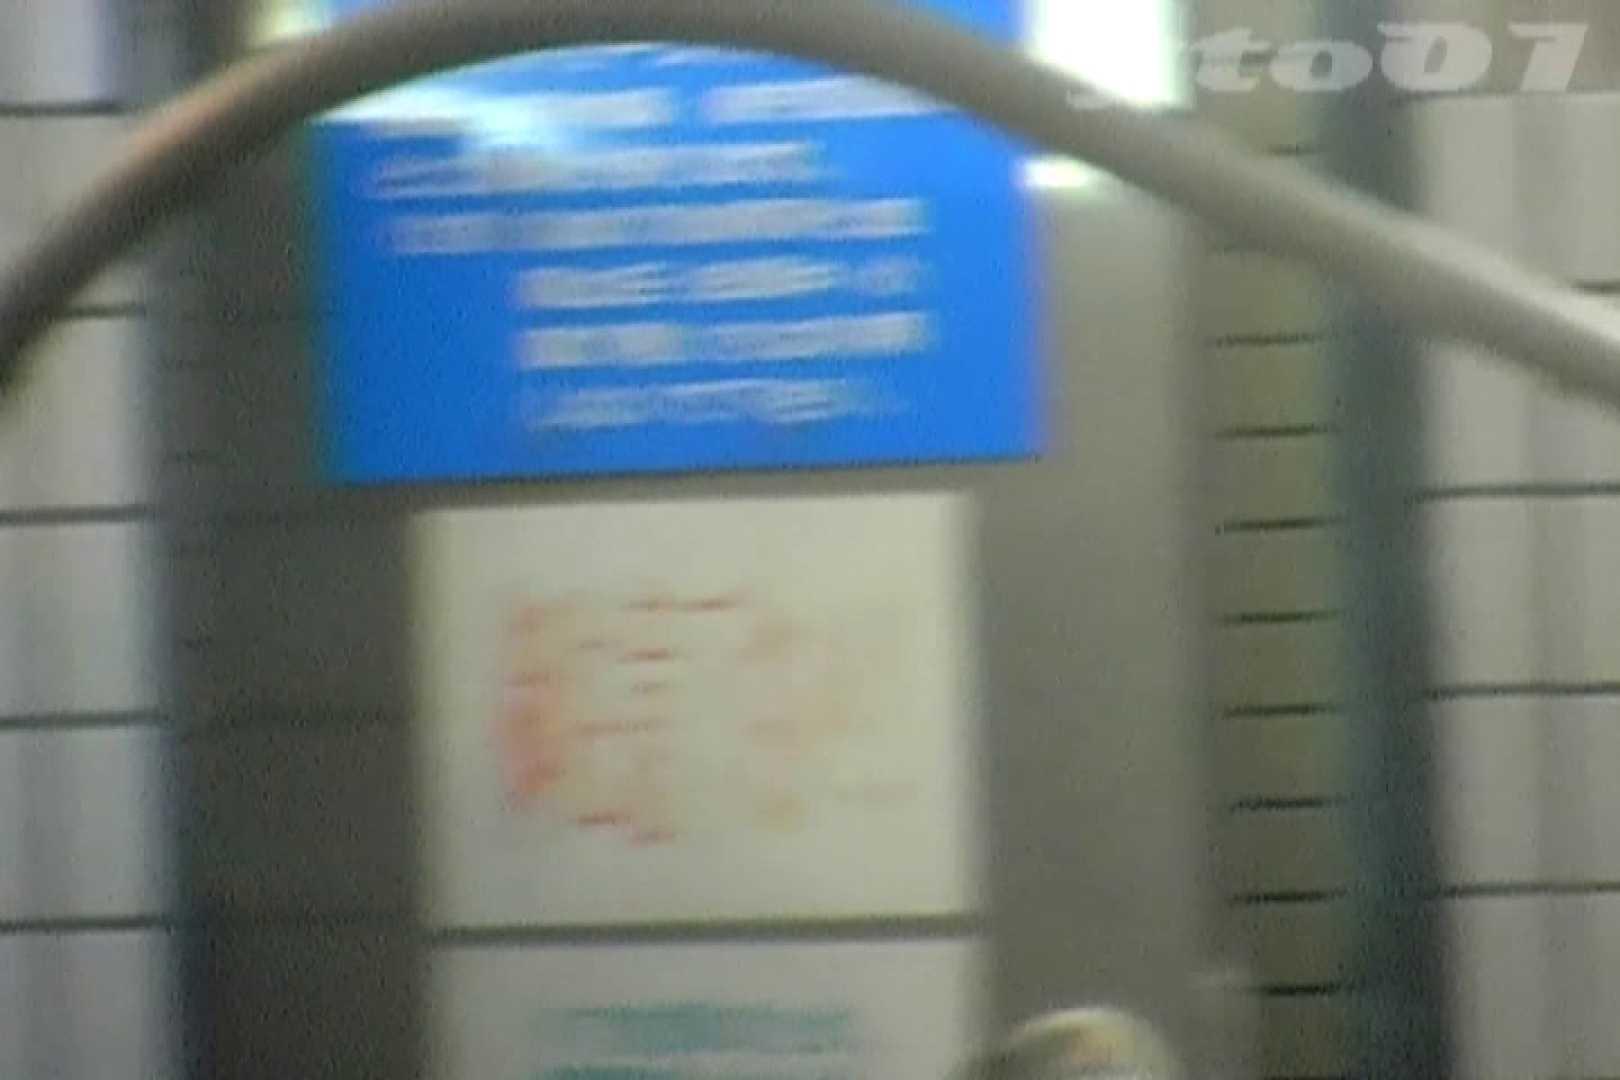 ▲復活限定▲合宿ホテル女風呂盗撮 Vol.05 ホテルで絶頂 エロ画像 87画像 78